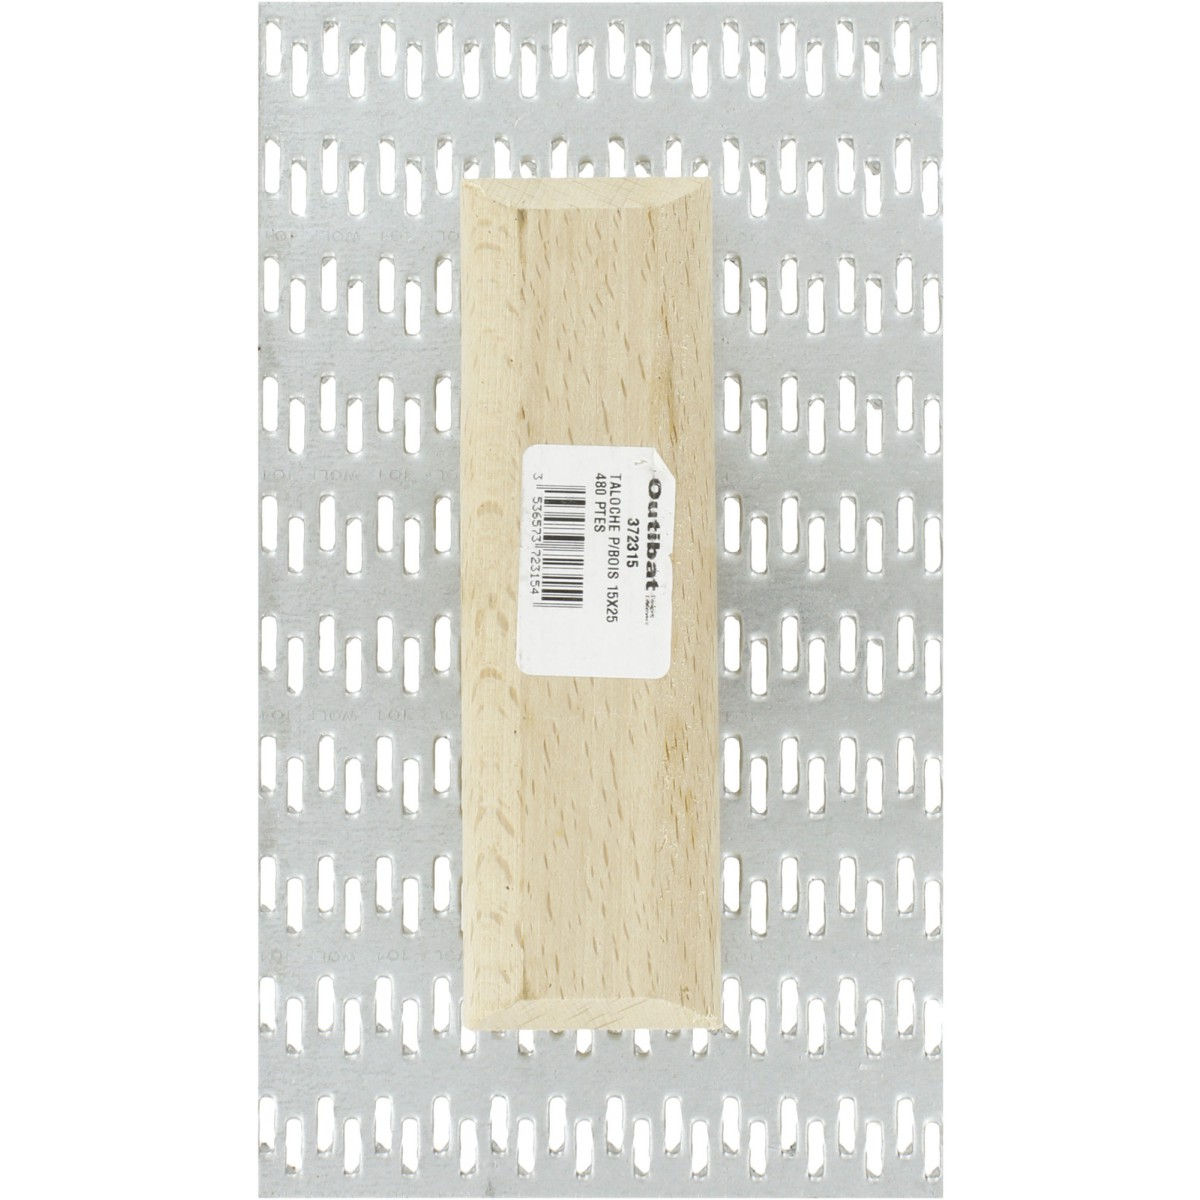 Taloche à pointes poignée bois Outibat - 480 pointes - Dimensions 15 x 25 cm